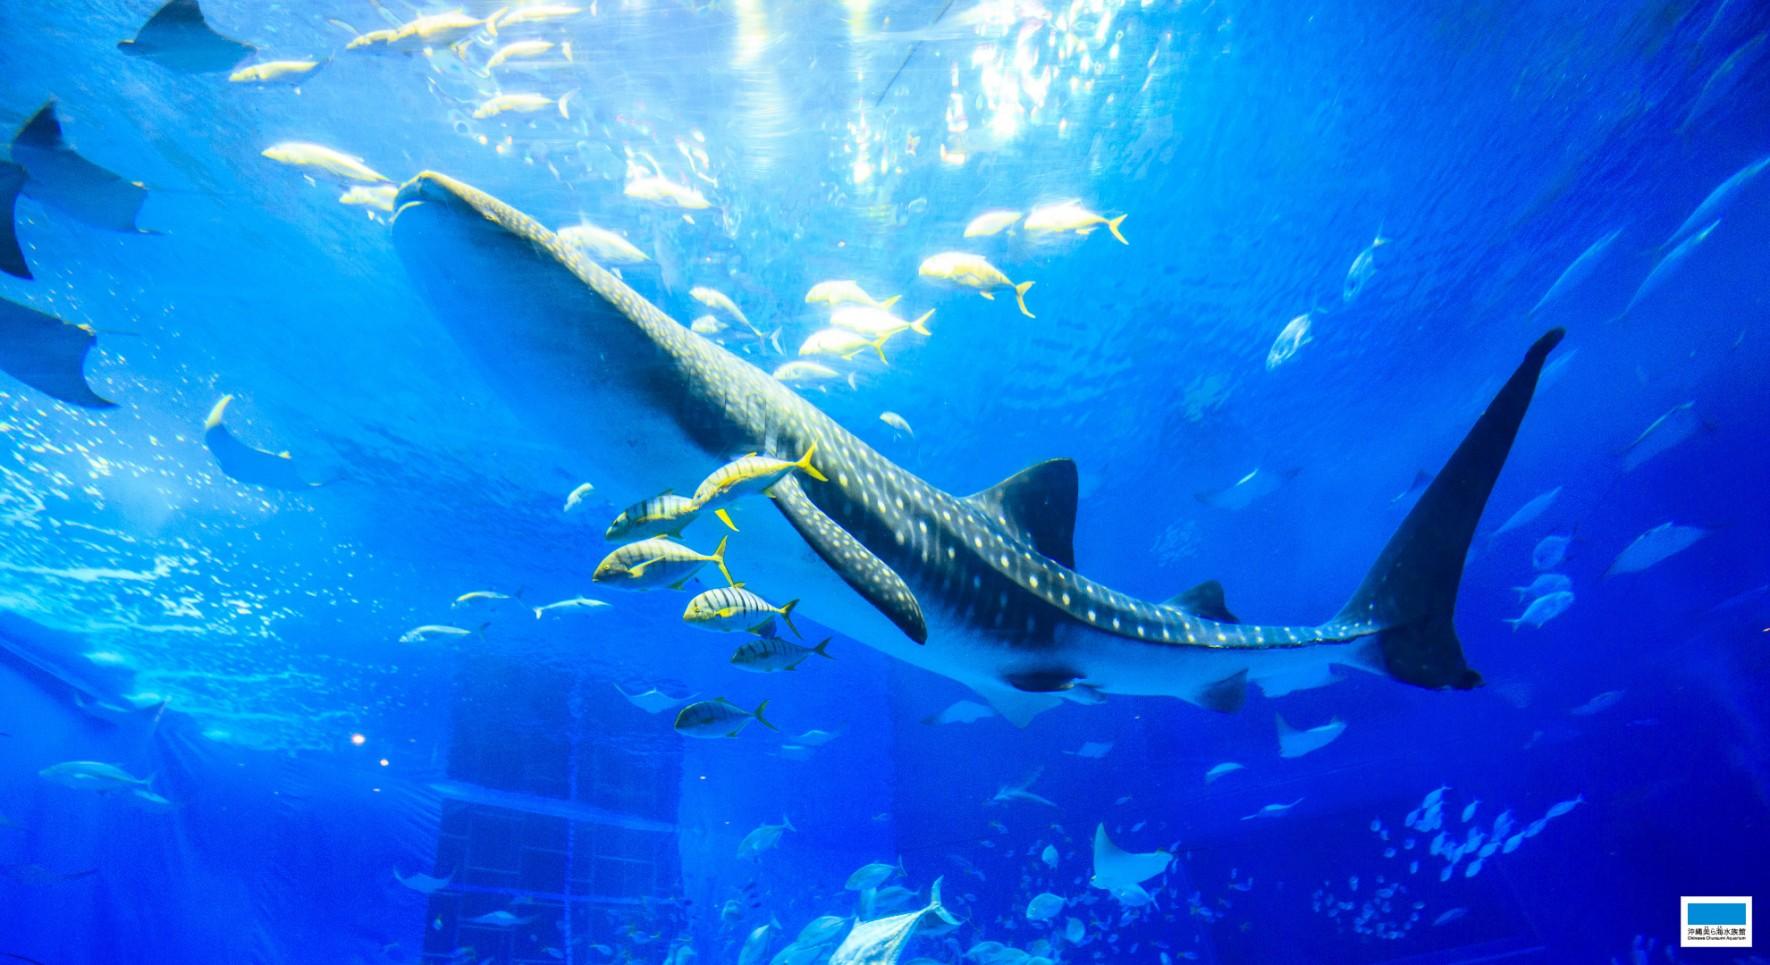 ダウンロード 沖縄美ら海水族館 沖縄の美ら海を 次の世代へ